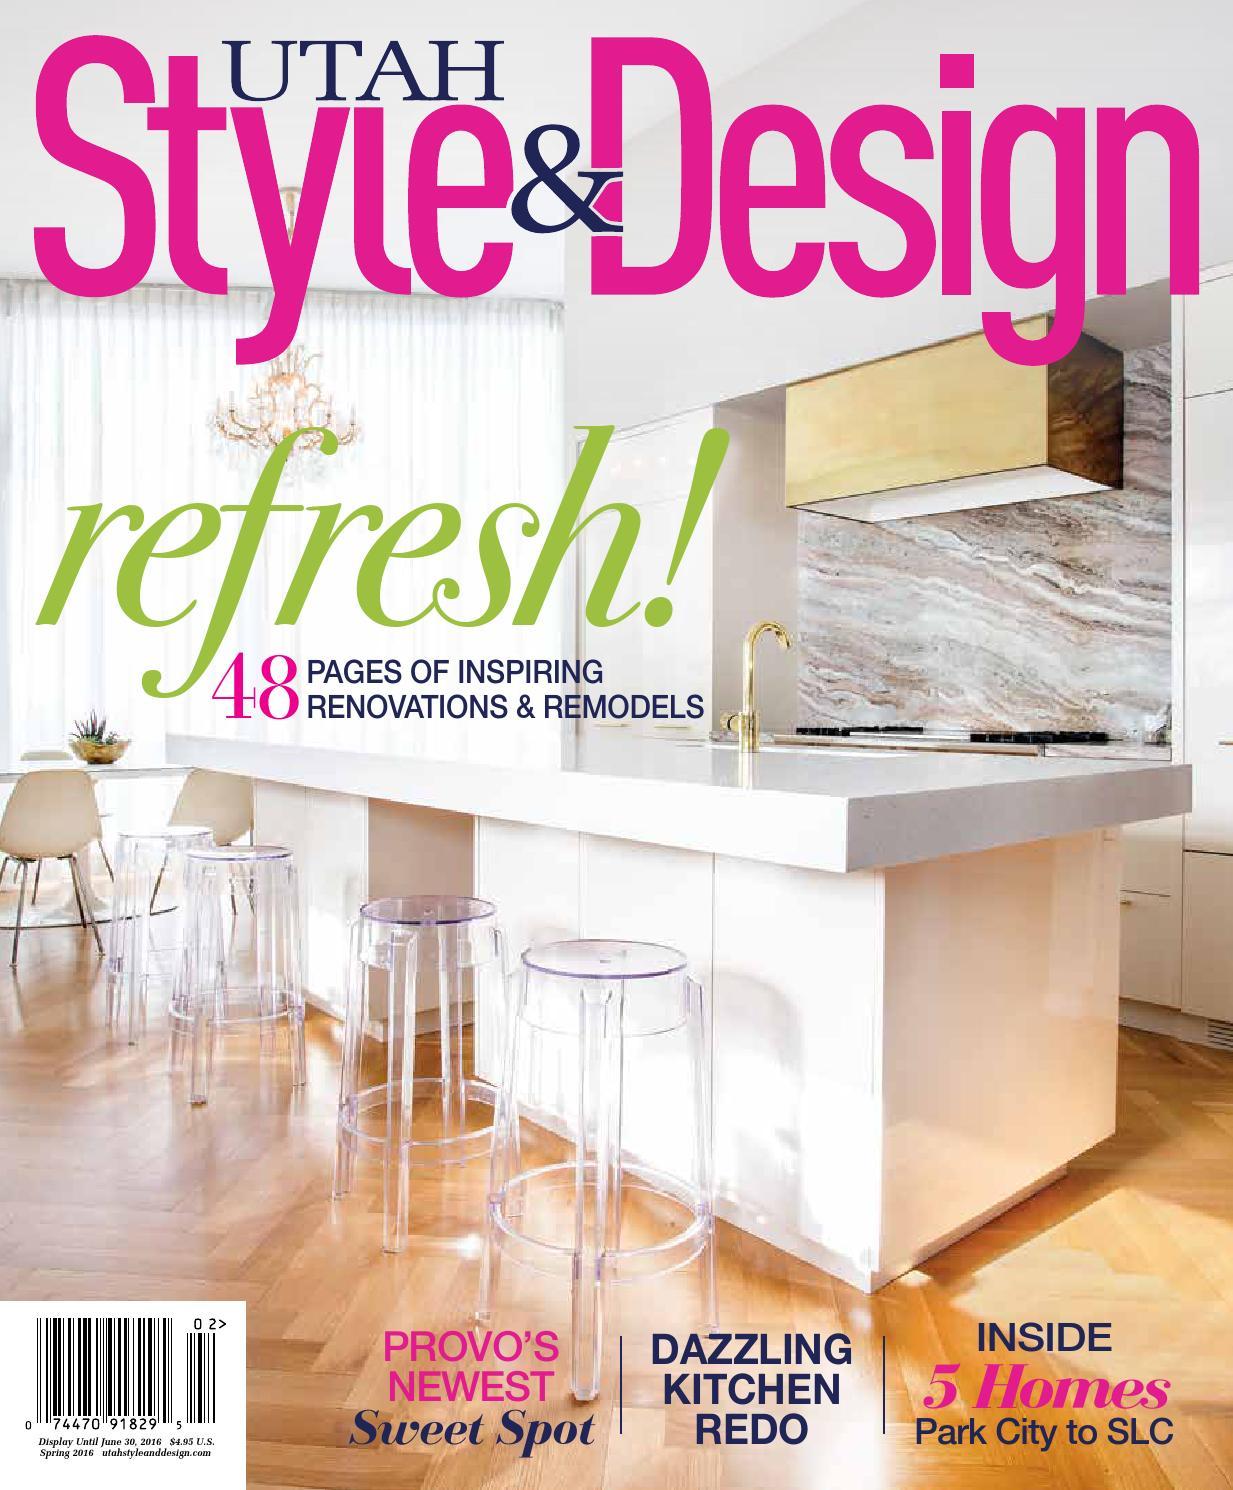 Utah Style & Design Spring 2016 by Utah Style & Design - issuu